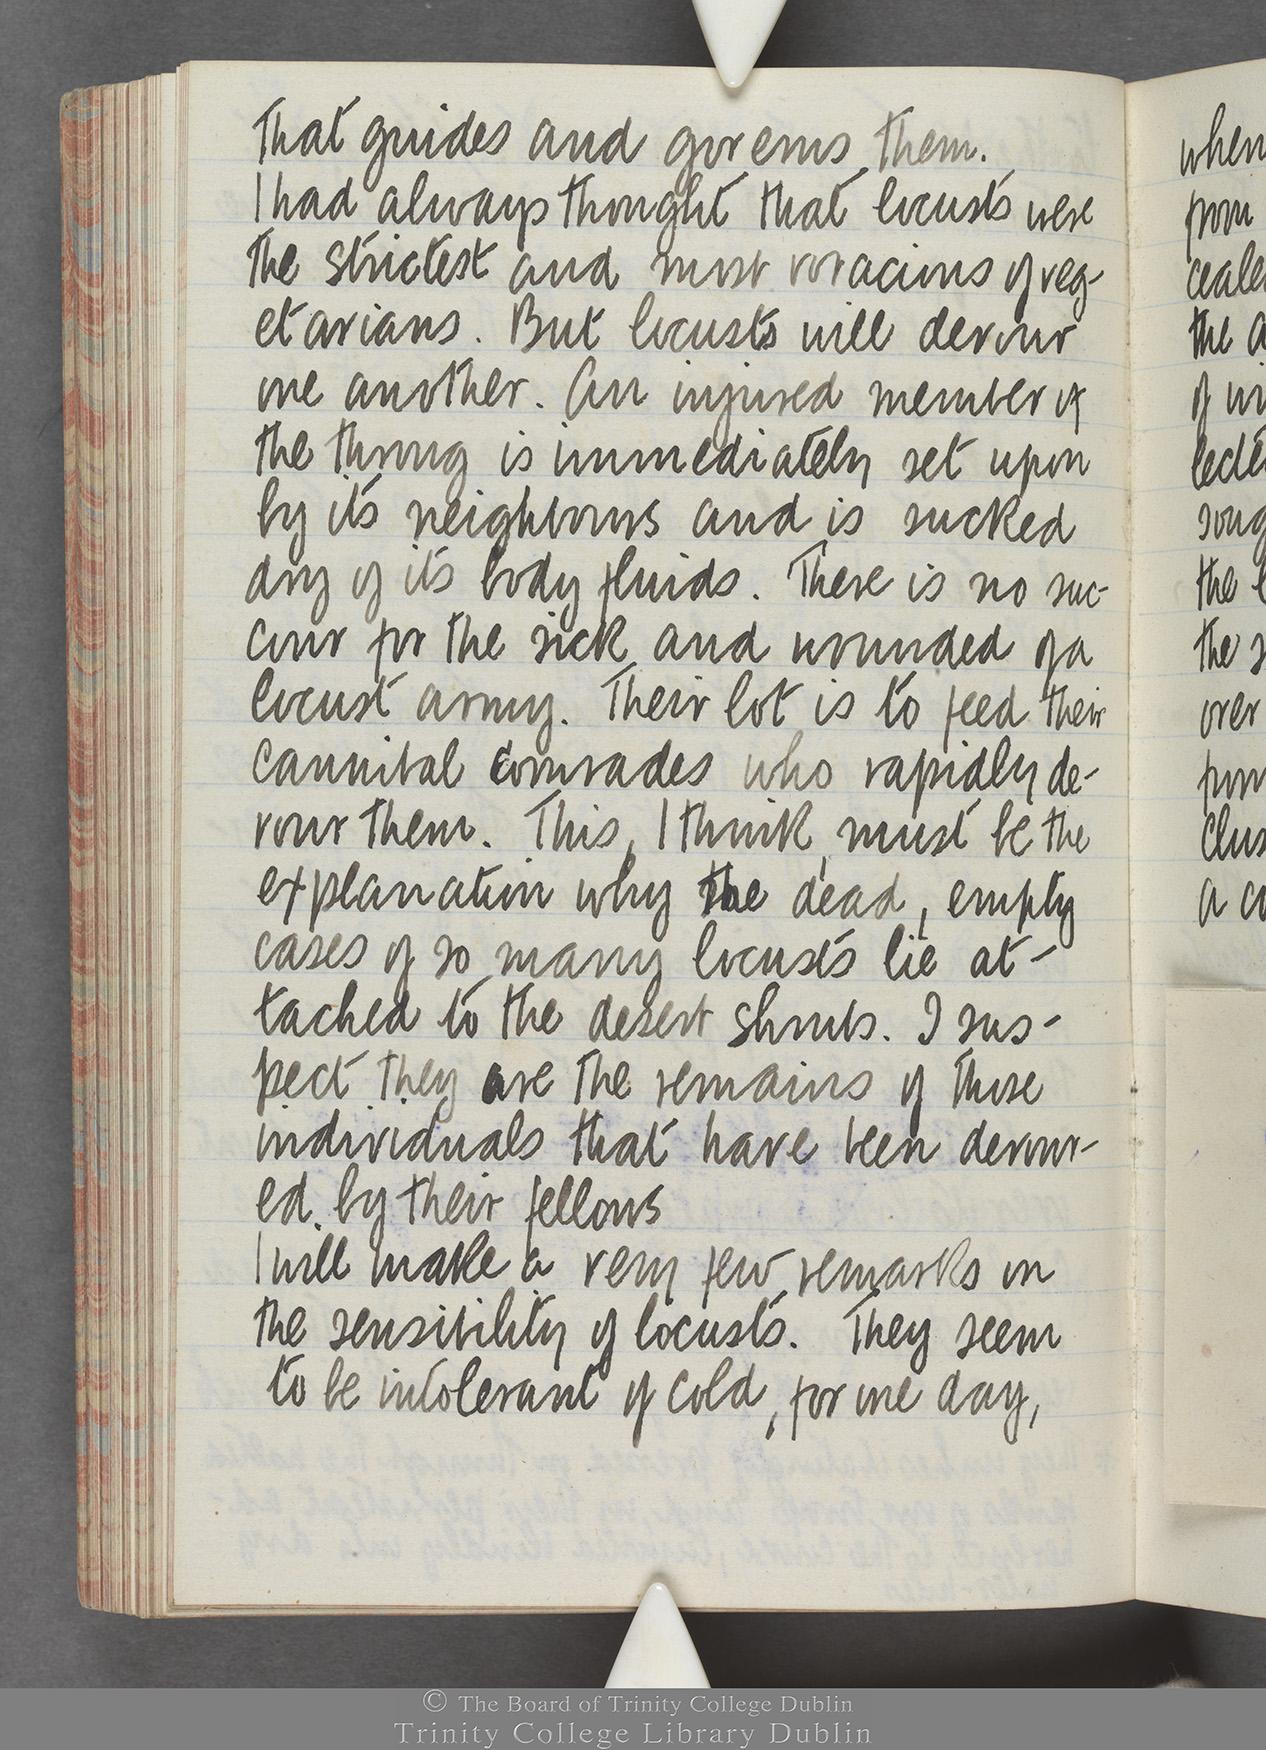 TCD MS 10515 folio 87 verso